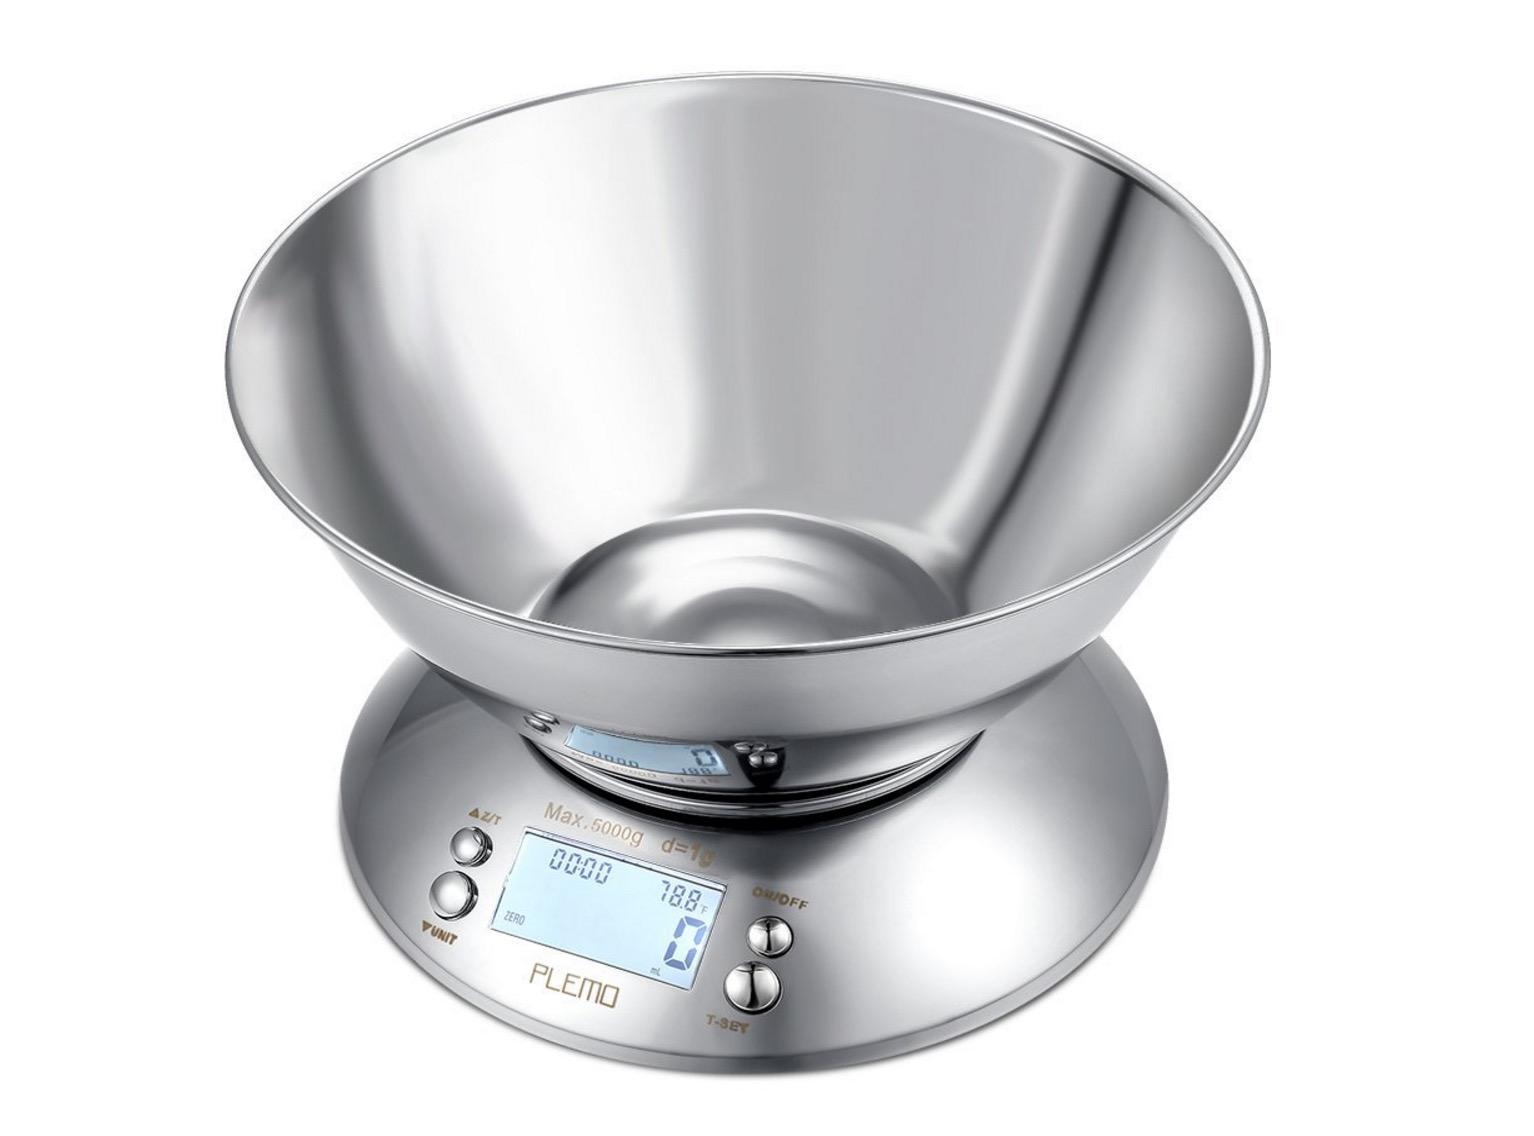 Sconto bilancia da cucina in acciaio inossidabile solo oggi a 26 99 euro - Ikea bilancia cucina ...